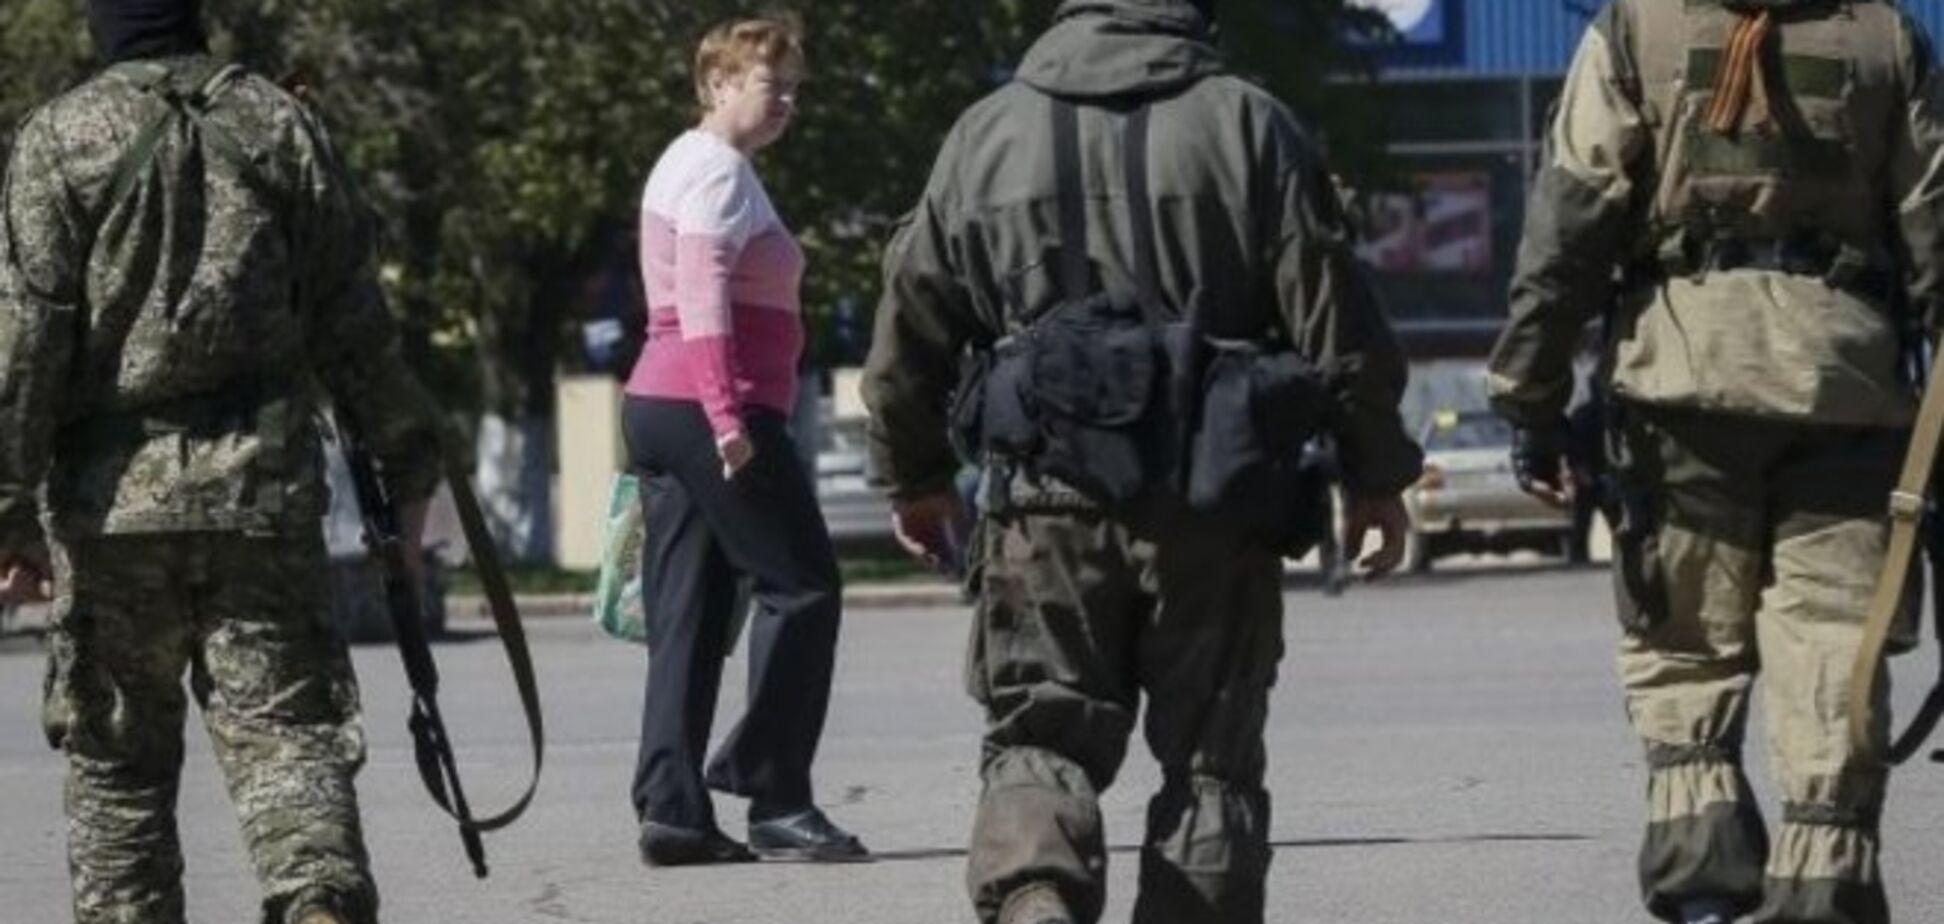 У Слов'янську місцеві наркомани та алкоголіки стали посібниками терористів - очевидці